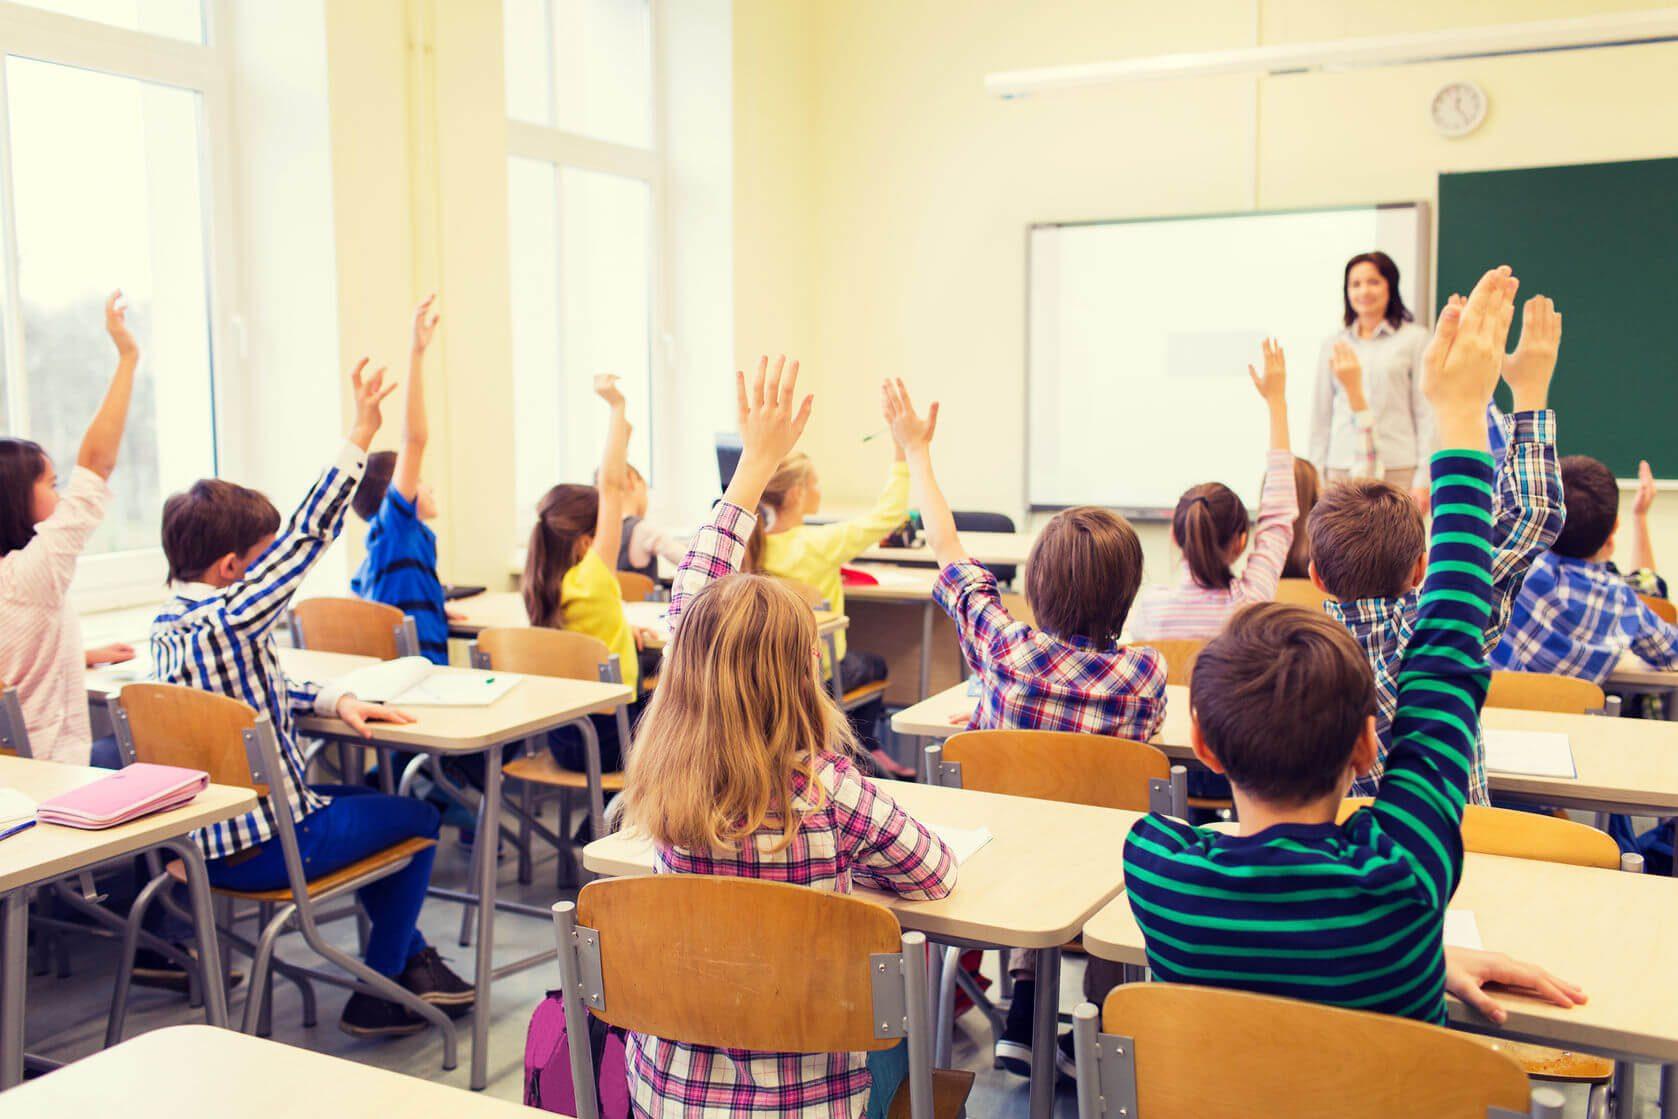 Ελβετία: Απίστευτο-Τρεις μαθητές παραποίησαν test κορωνοϊού για να γλιτώσουν το σχολείο